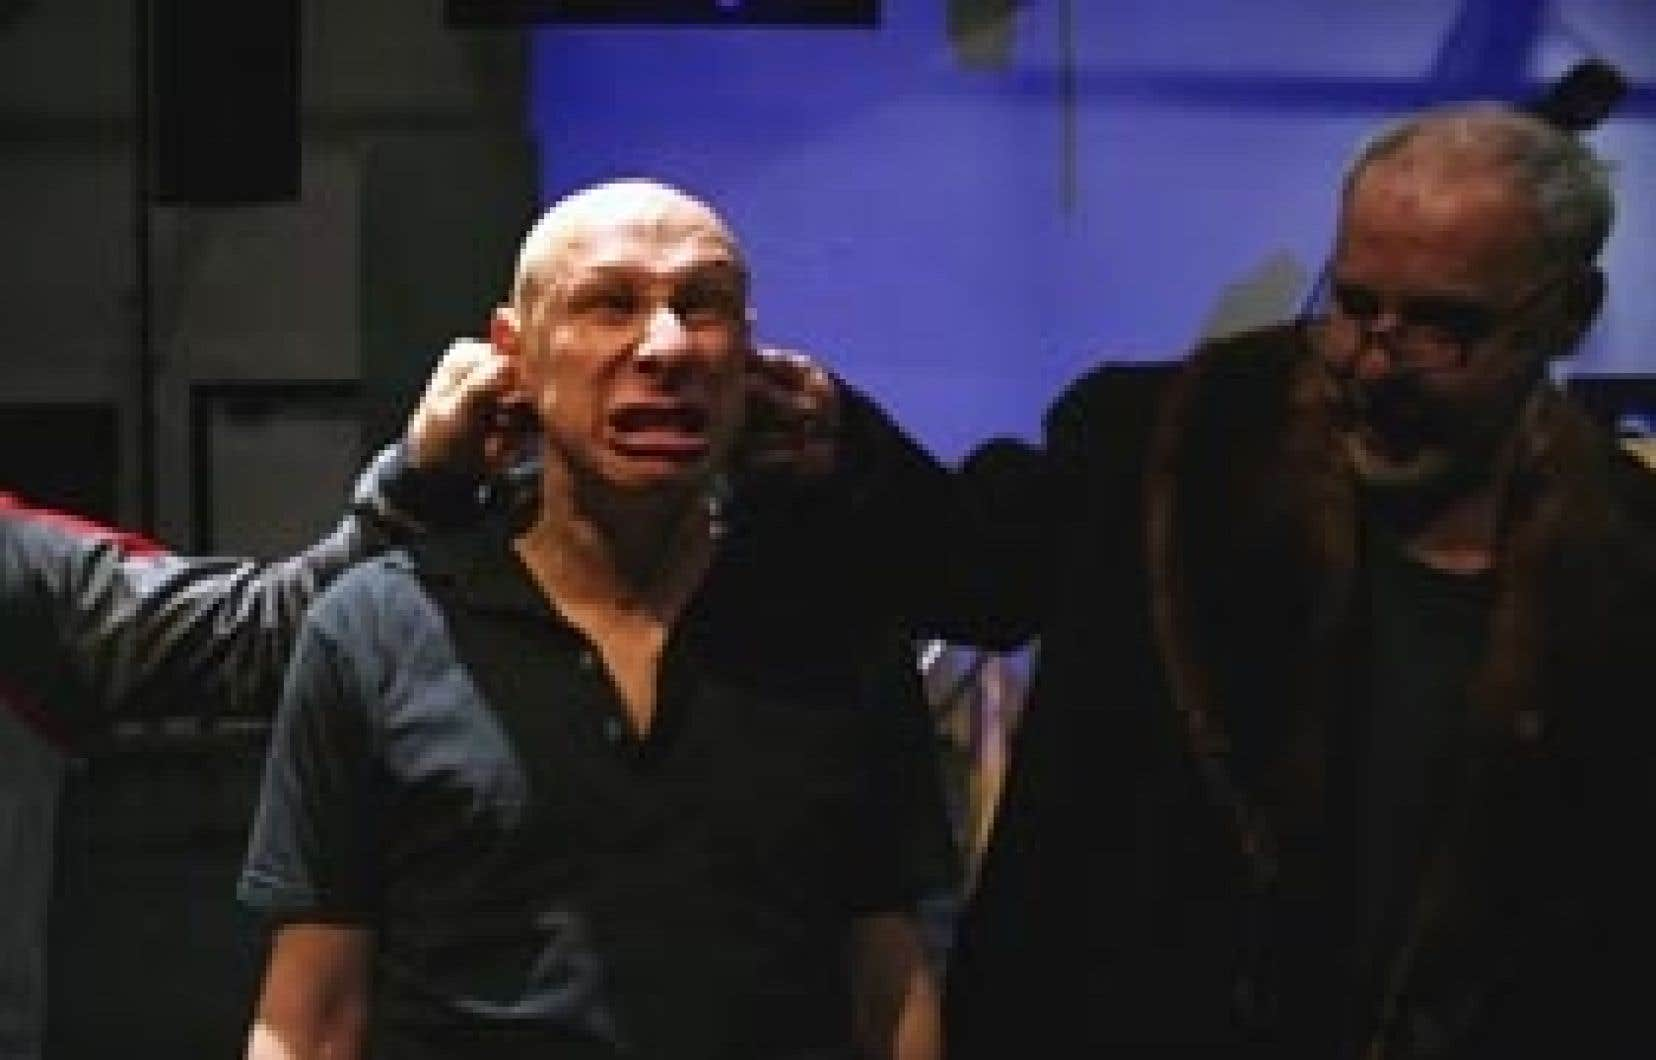 Théâtre Prospero Le comédien Paul Ahmarani reprendra son rôle dans la pièce Coeur de chien, lors de la nouvelle saison du Prospero.